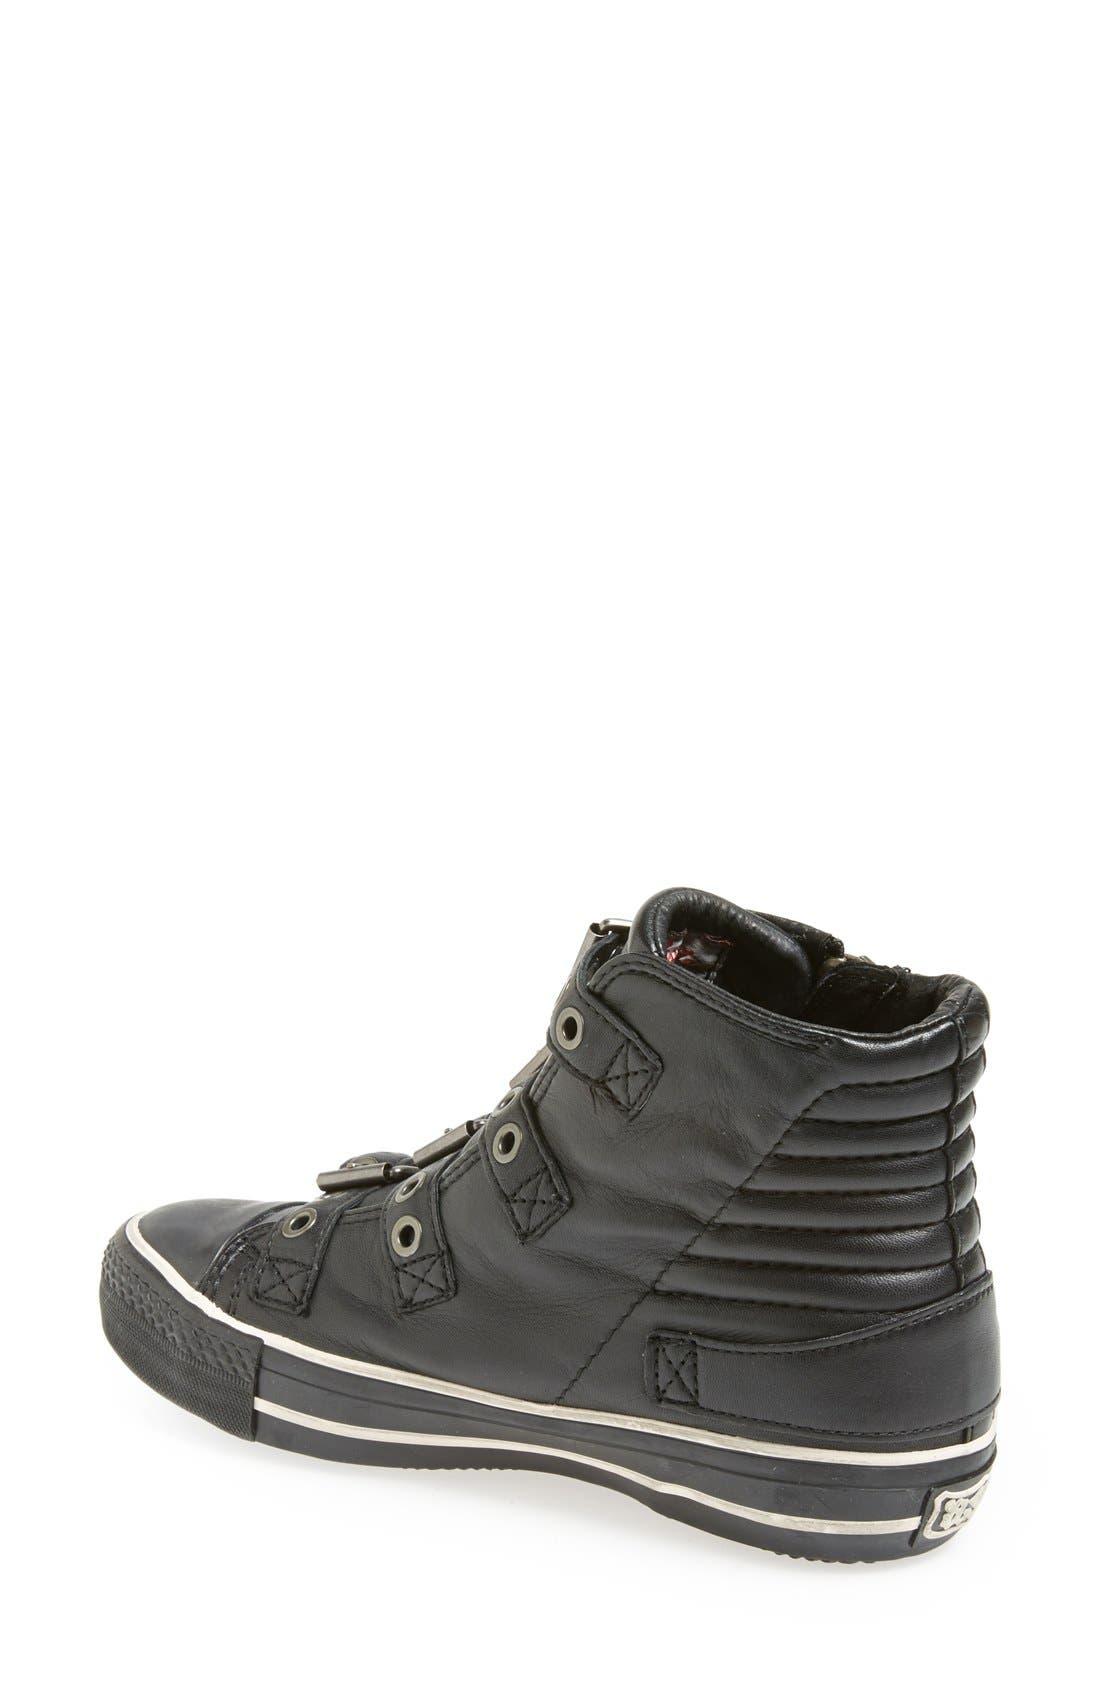 Alternate Image 2  - Ash 'Vangelis' High Top Sneaker (Women)